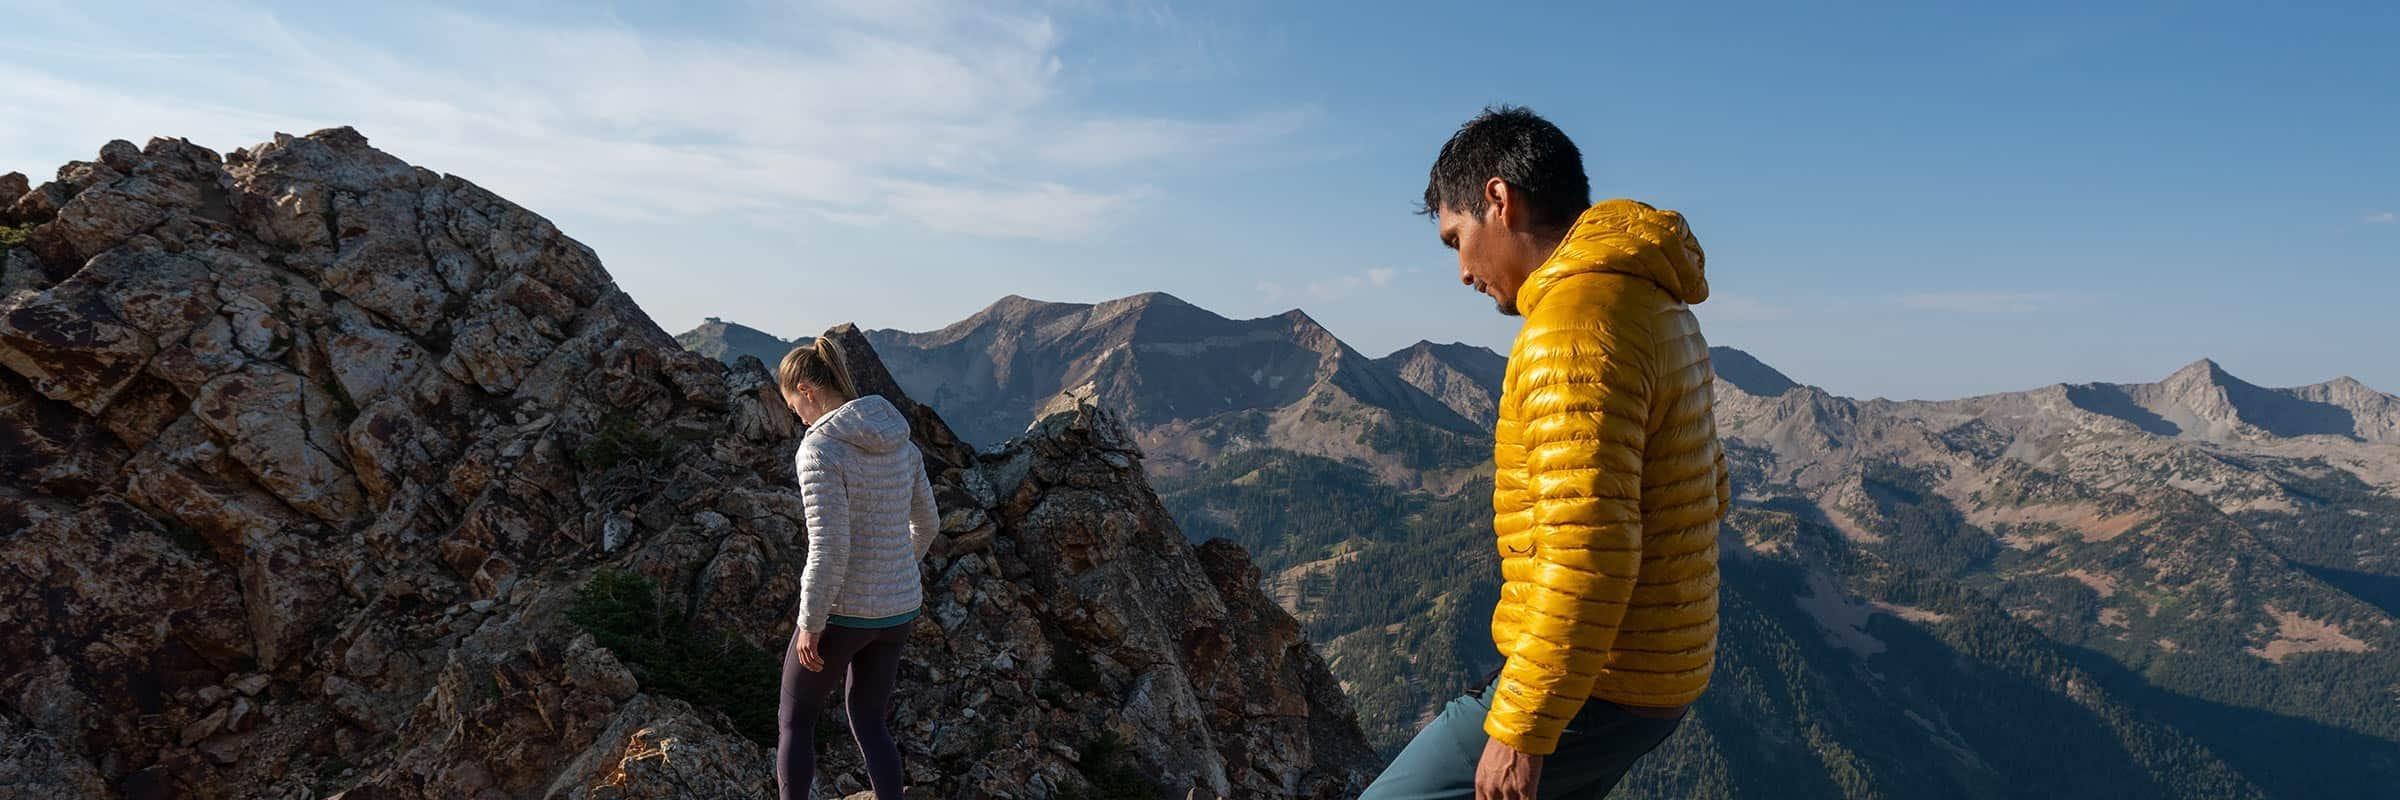 Revue du manteau Ghost Whisperer/2: le meilleur manteau léger en duvet pour la randonnée